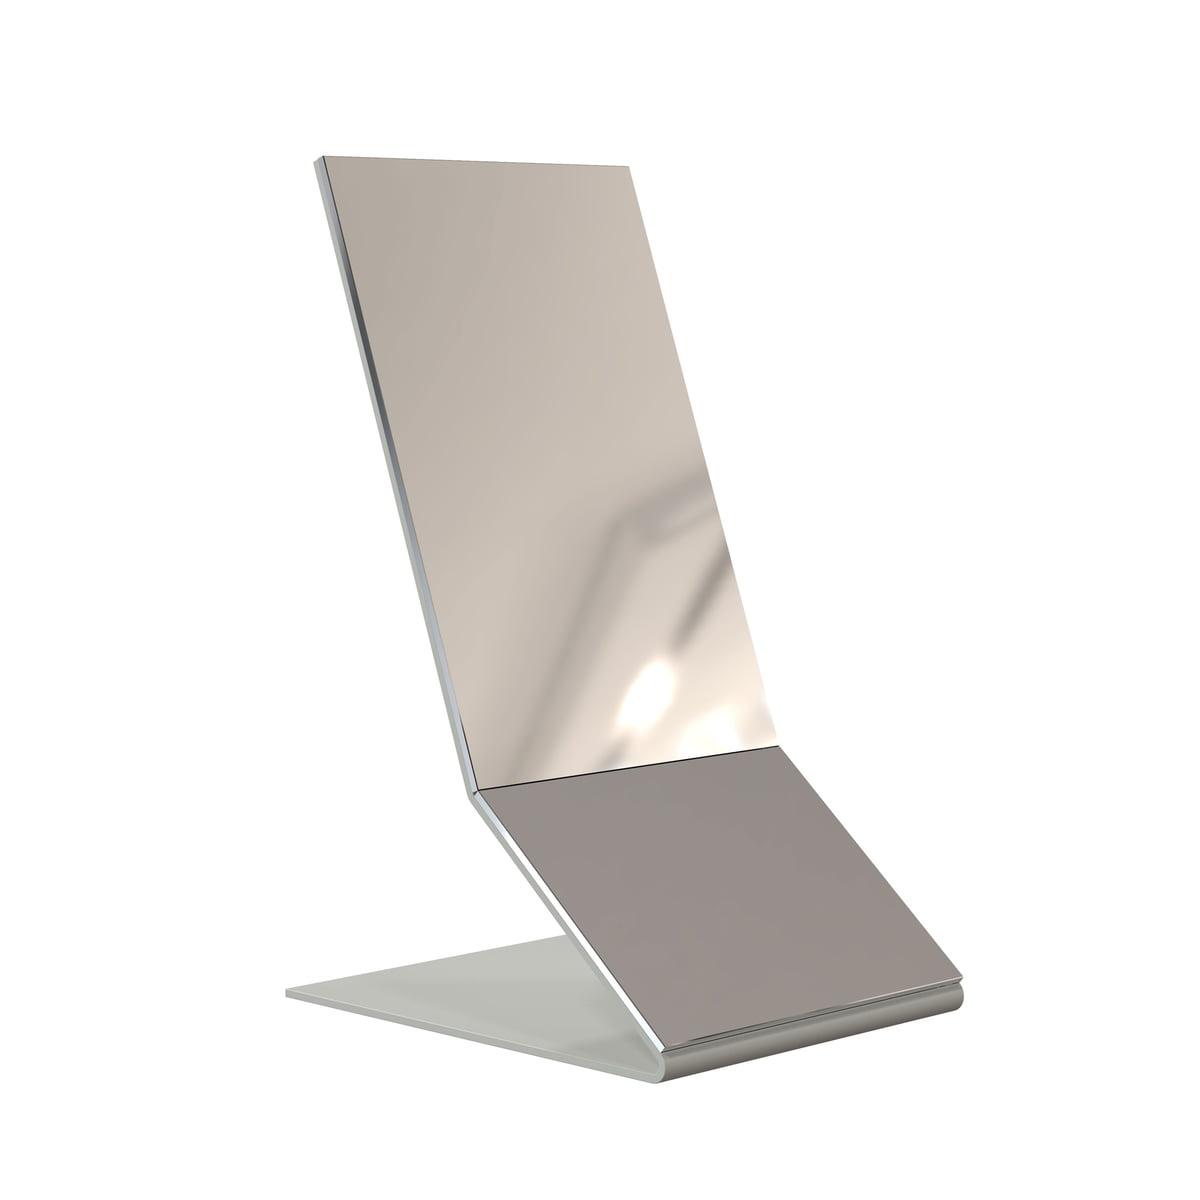 Frost - Unu Tischspiegel, Edelstahl gebürstet | Flur & Diele > Spiegel | Edelstahl gebürstet | Edelstahl | Frost